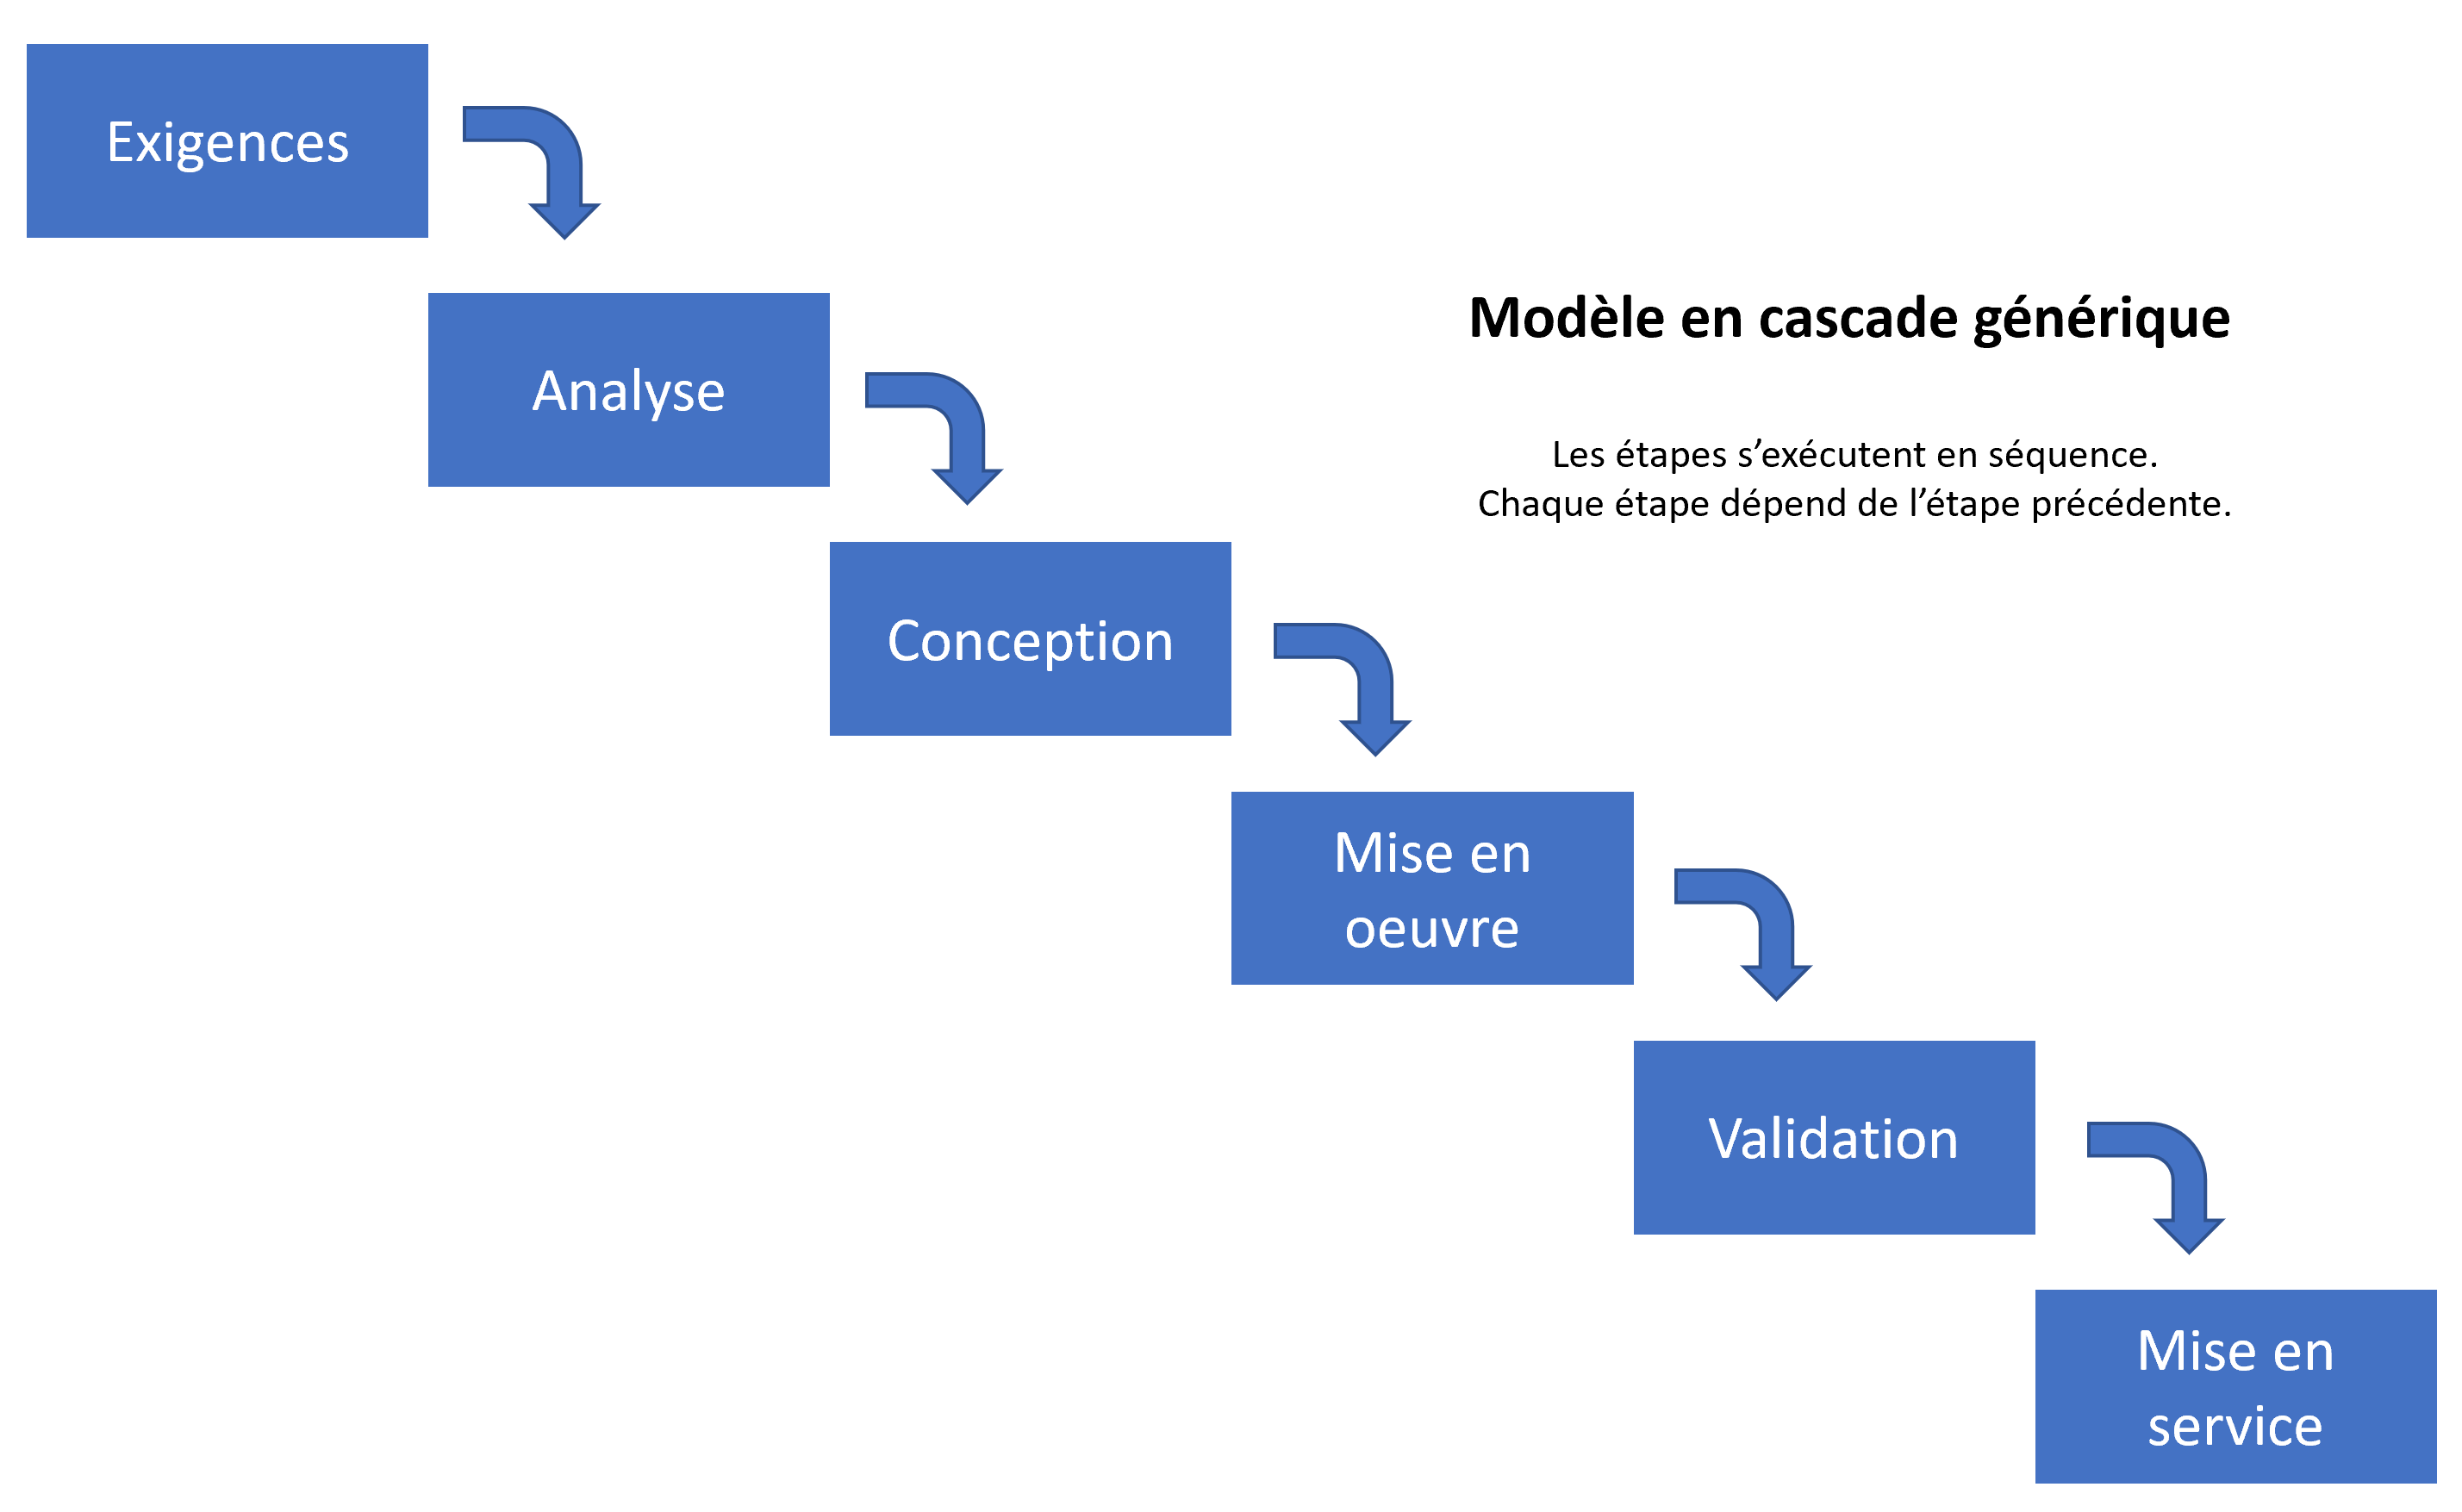 Modèle en cascade